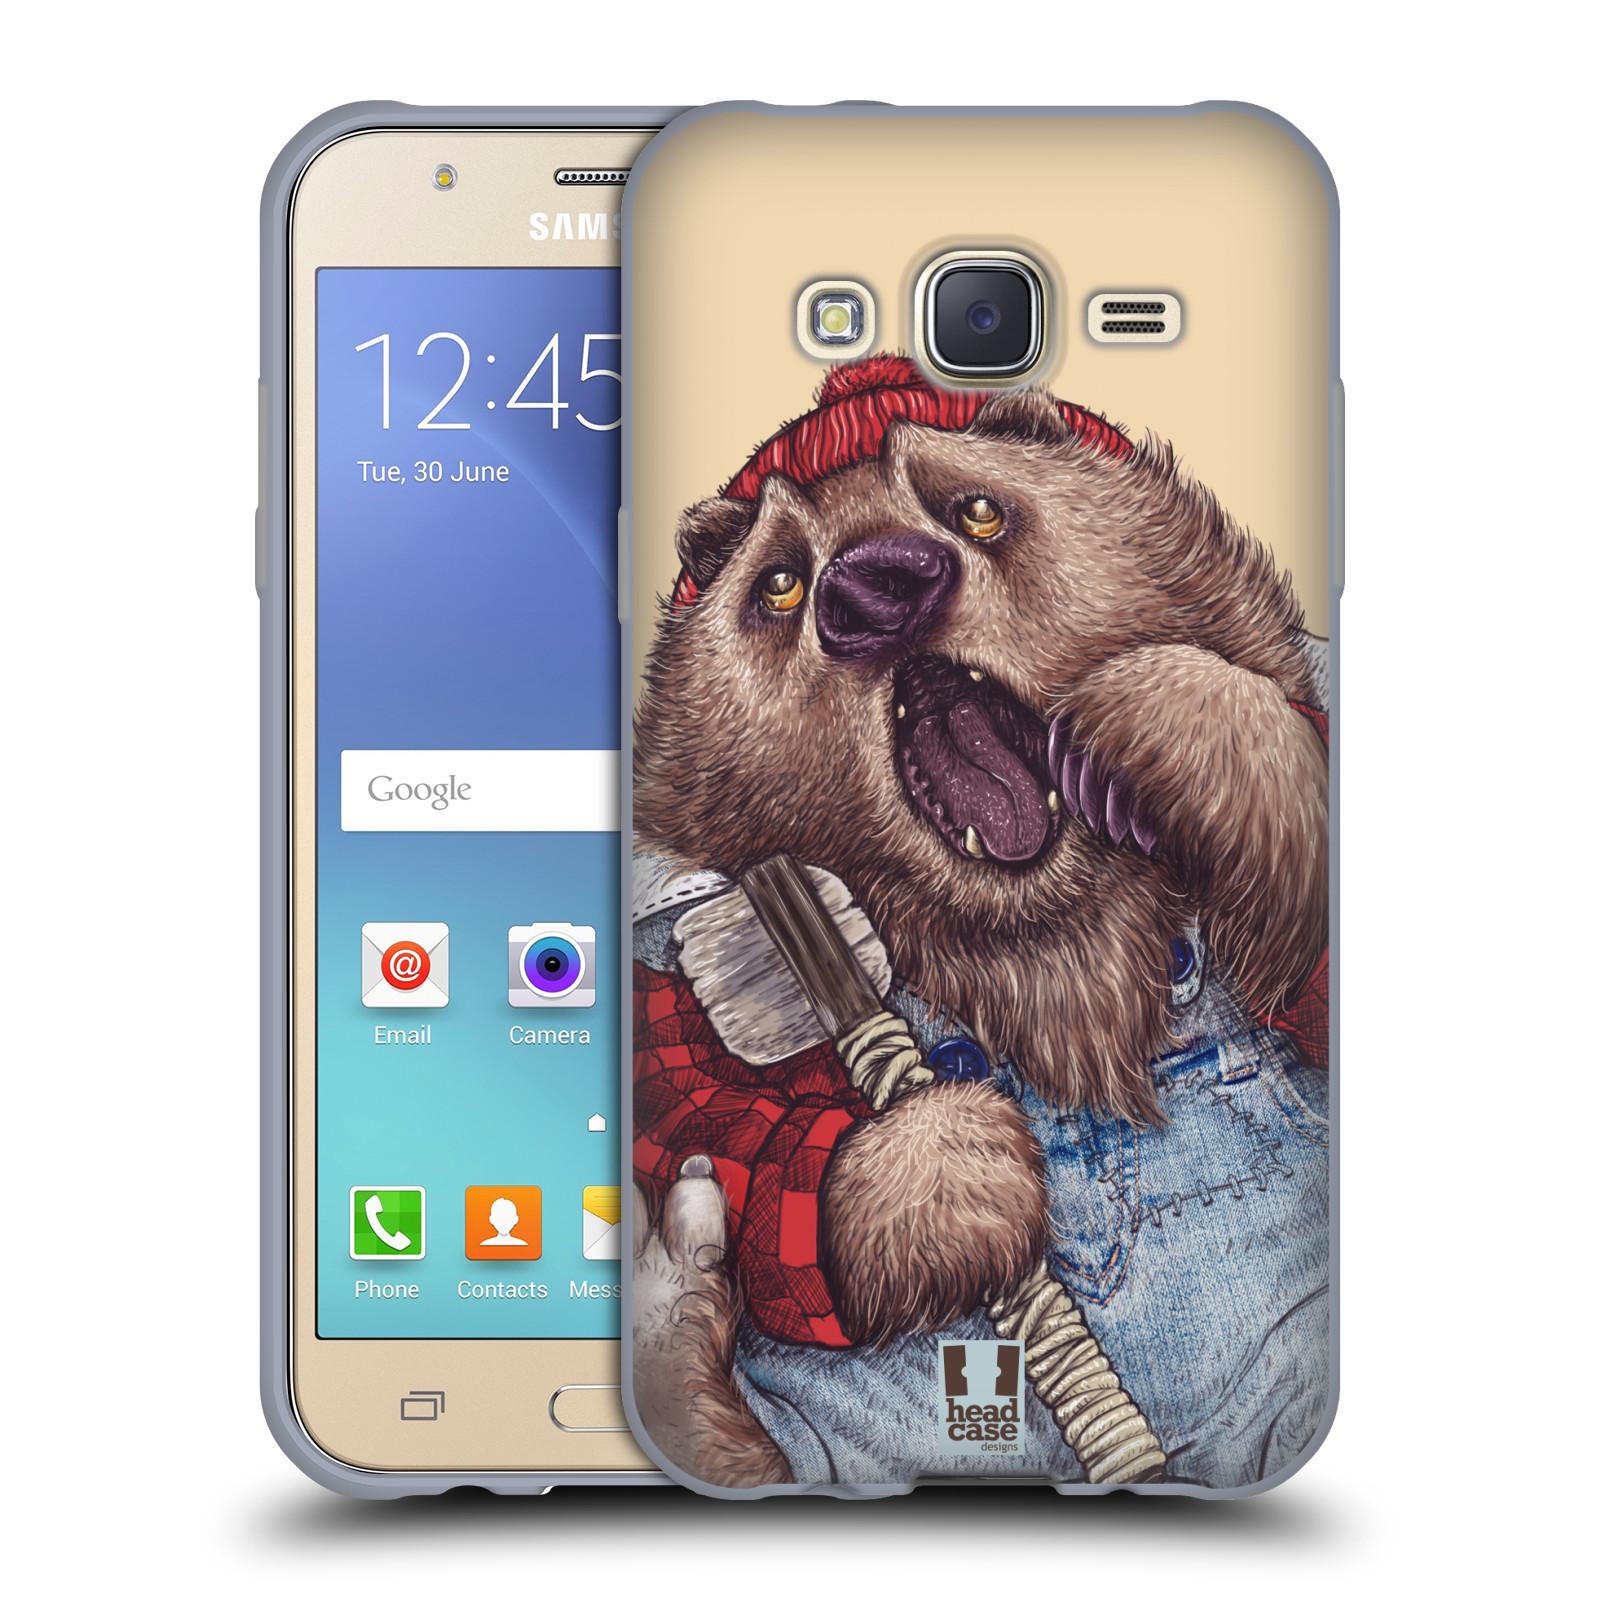 HEAD CASE silikonový obal na mobil Samsung Galaxy J5, J500, (J5 DUOS) vzor Kreslená zvířátka medvěd